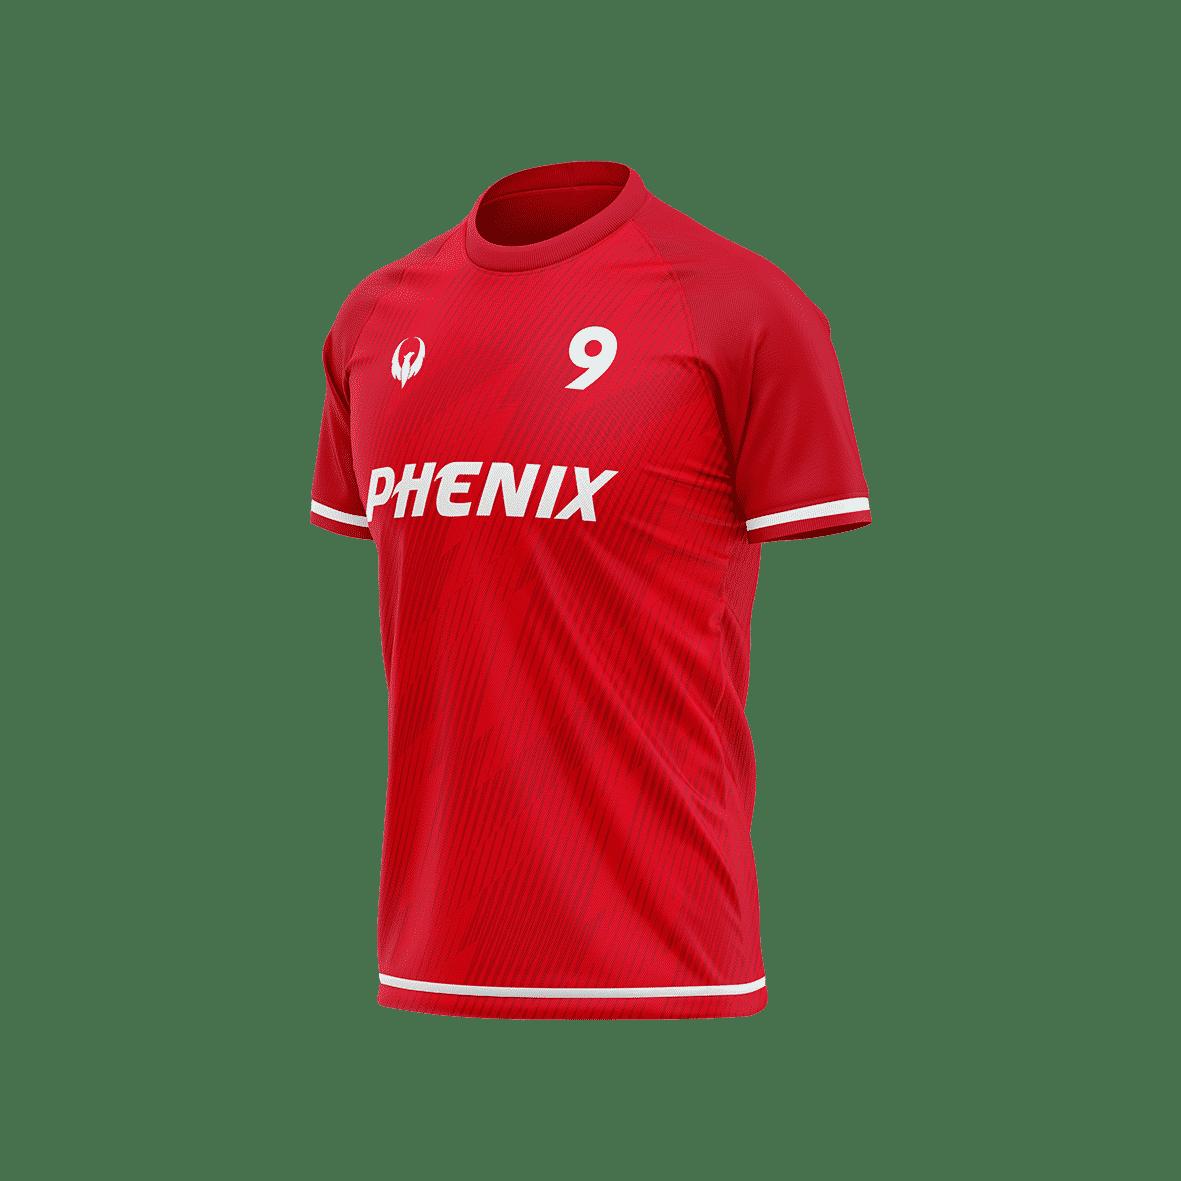 maillot-phenix-sport-club-10